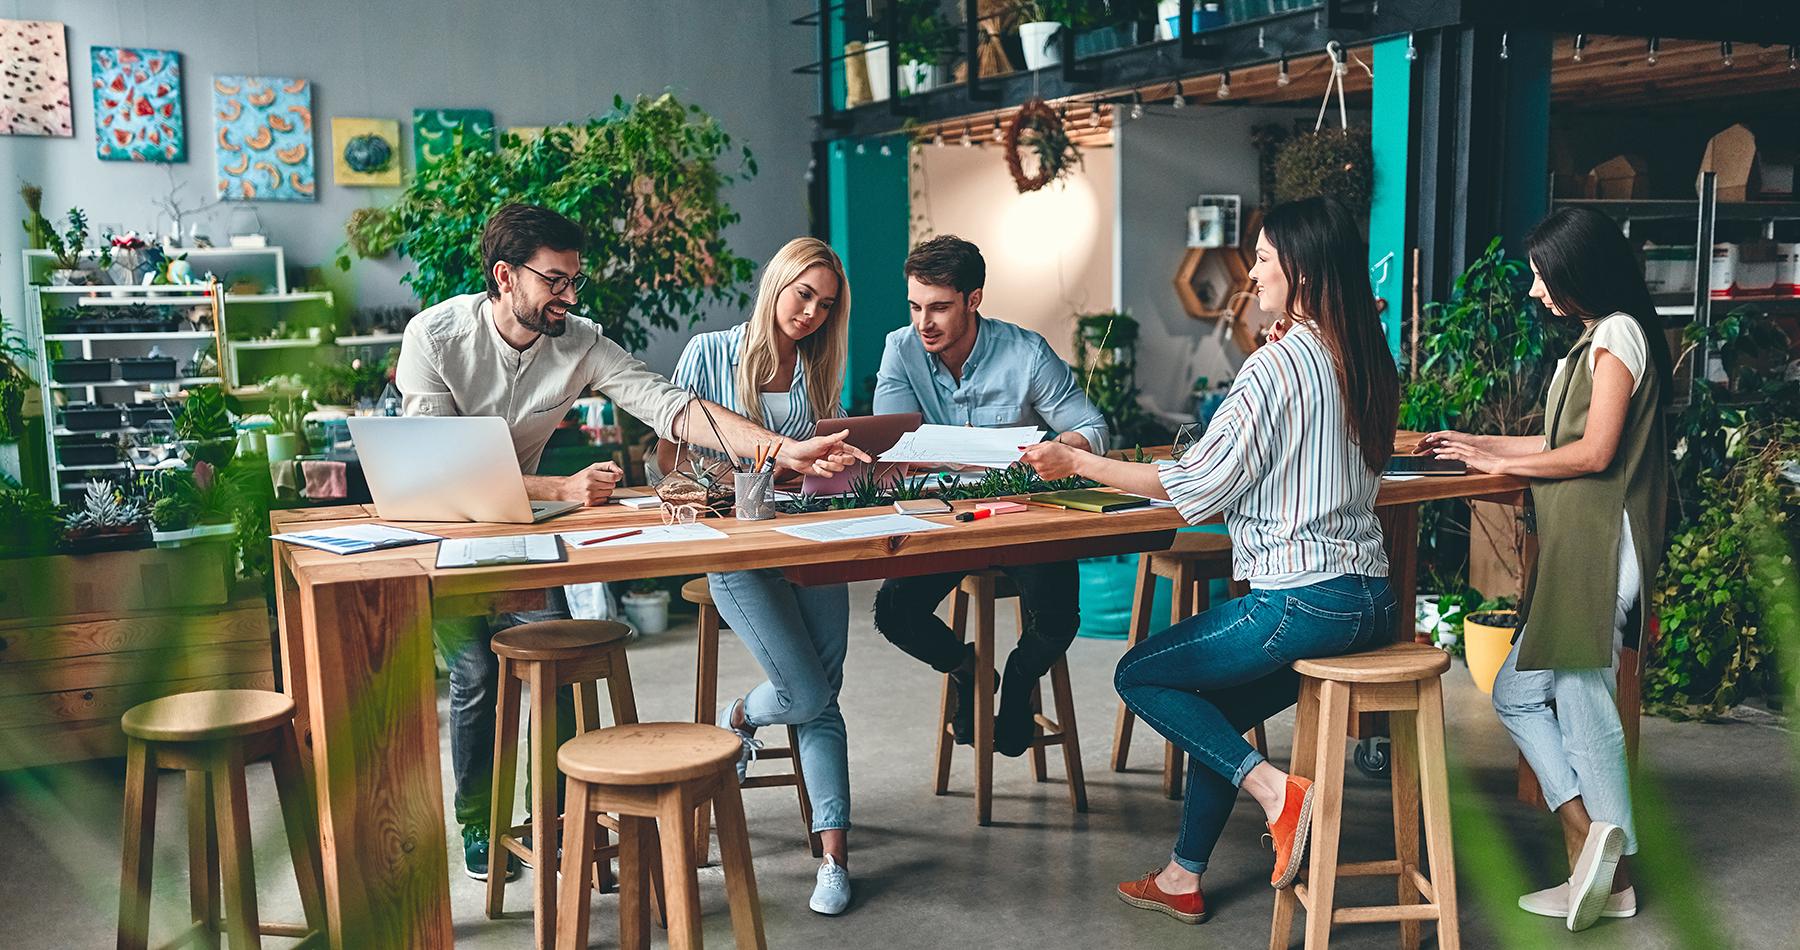 Groep jonge ondernemers die samenwerken in een modern, groen en duurzaam kantoor. Creatieve personen met laptop, tablet, smart phones